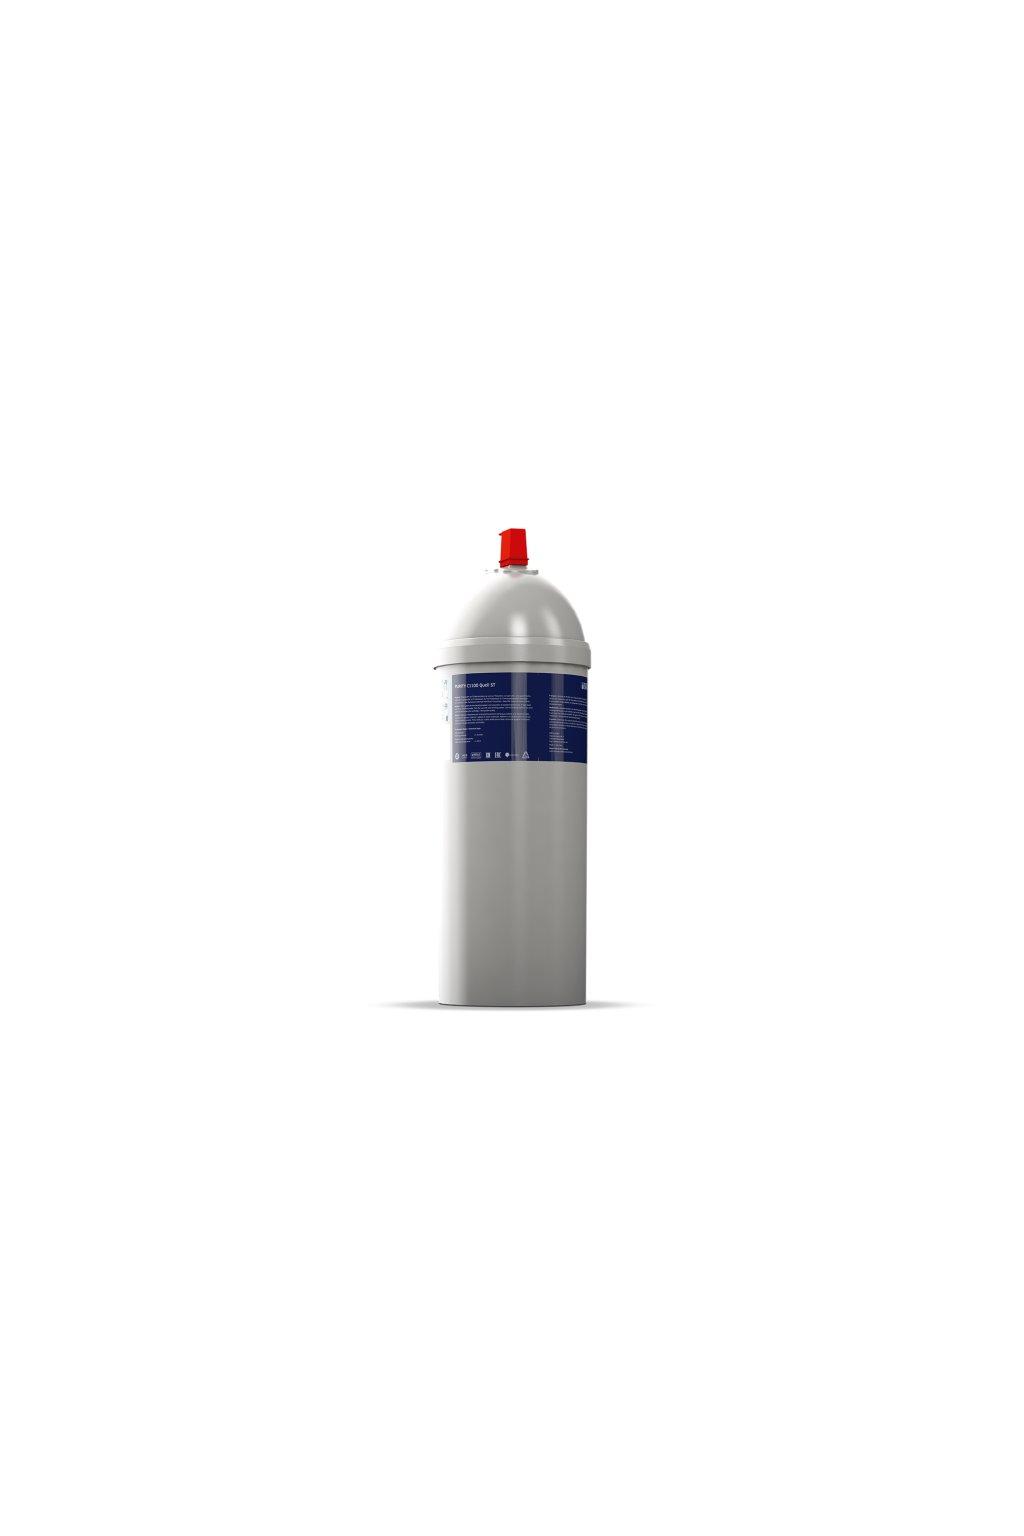 brita filter purity c quell st c1100